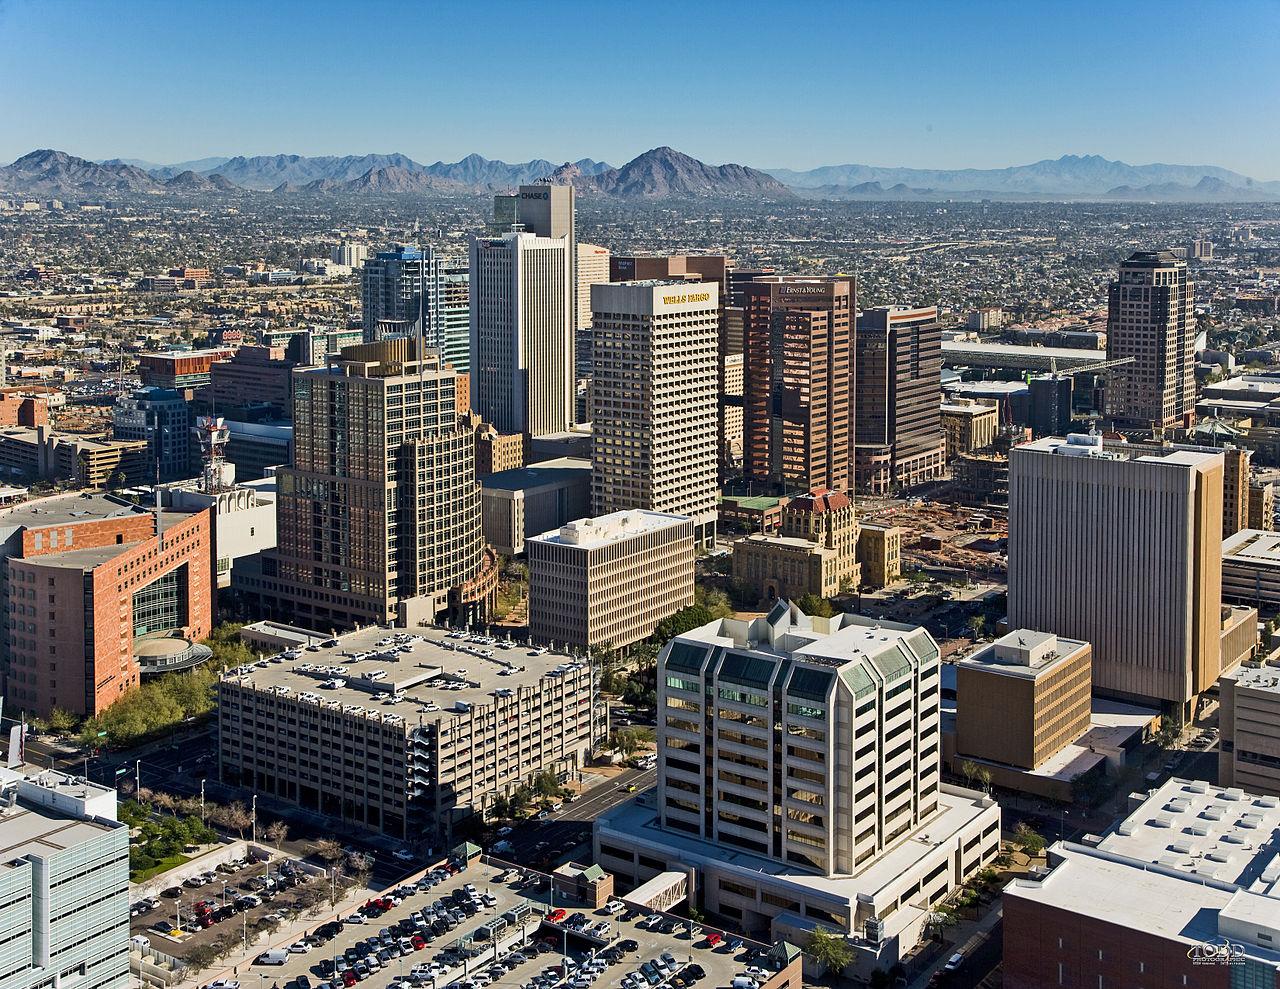 Best Weekend Destination From Tucson-Phoenix